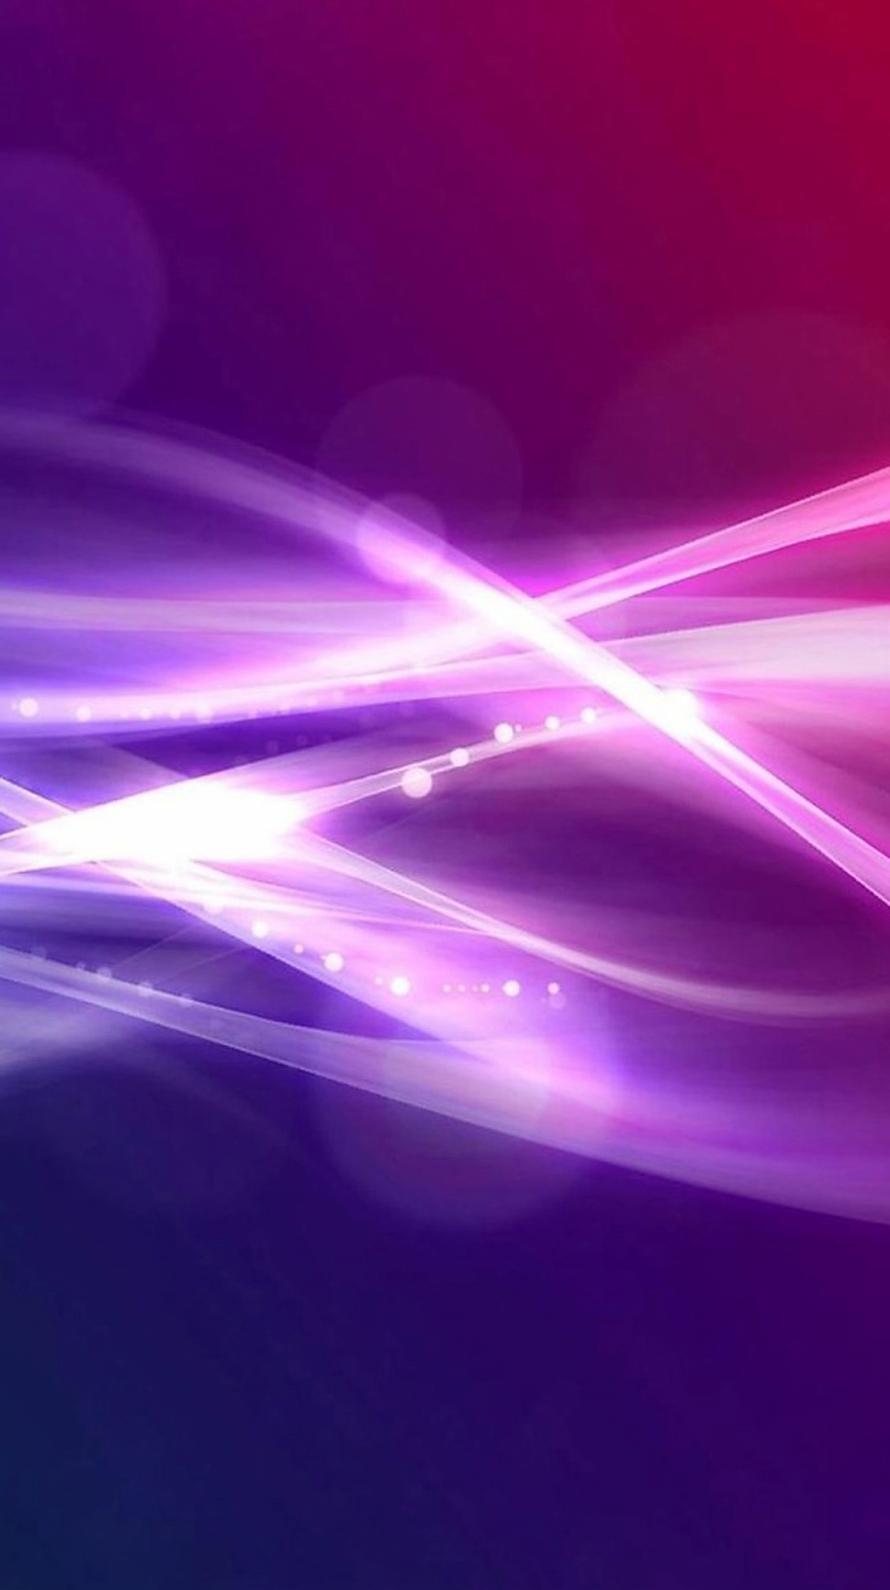 紫の光るライン Iphone6壁紙 Wallpaperbox